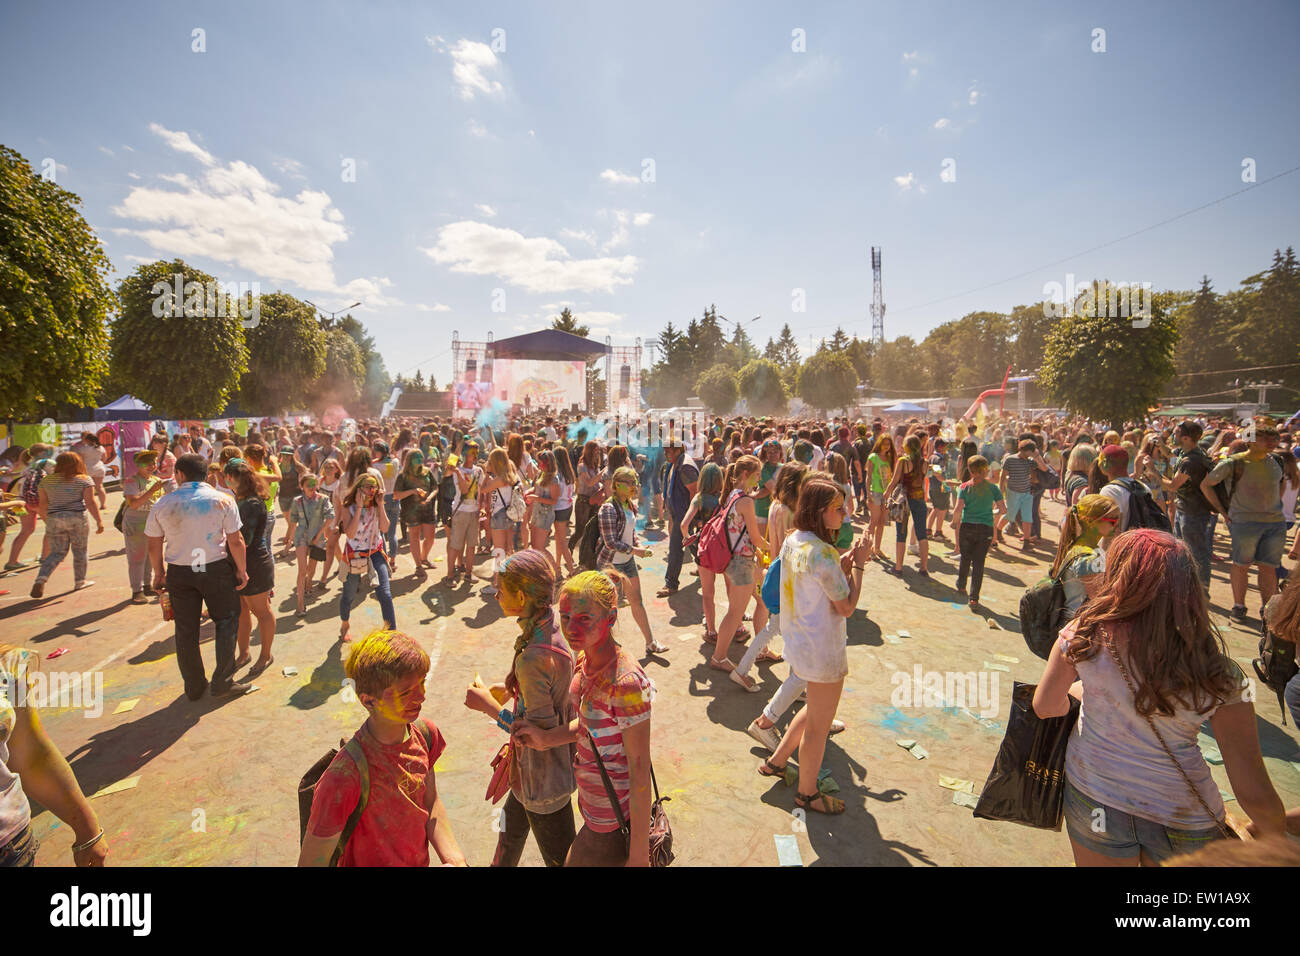 KALININGRAD, Russland - 12. Juni 2015: Menschen mit aufgemalten Gesichtern während das Holi-Fest der Farben Stockfoto